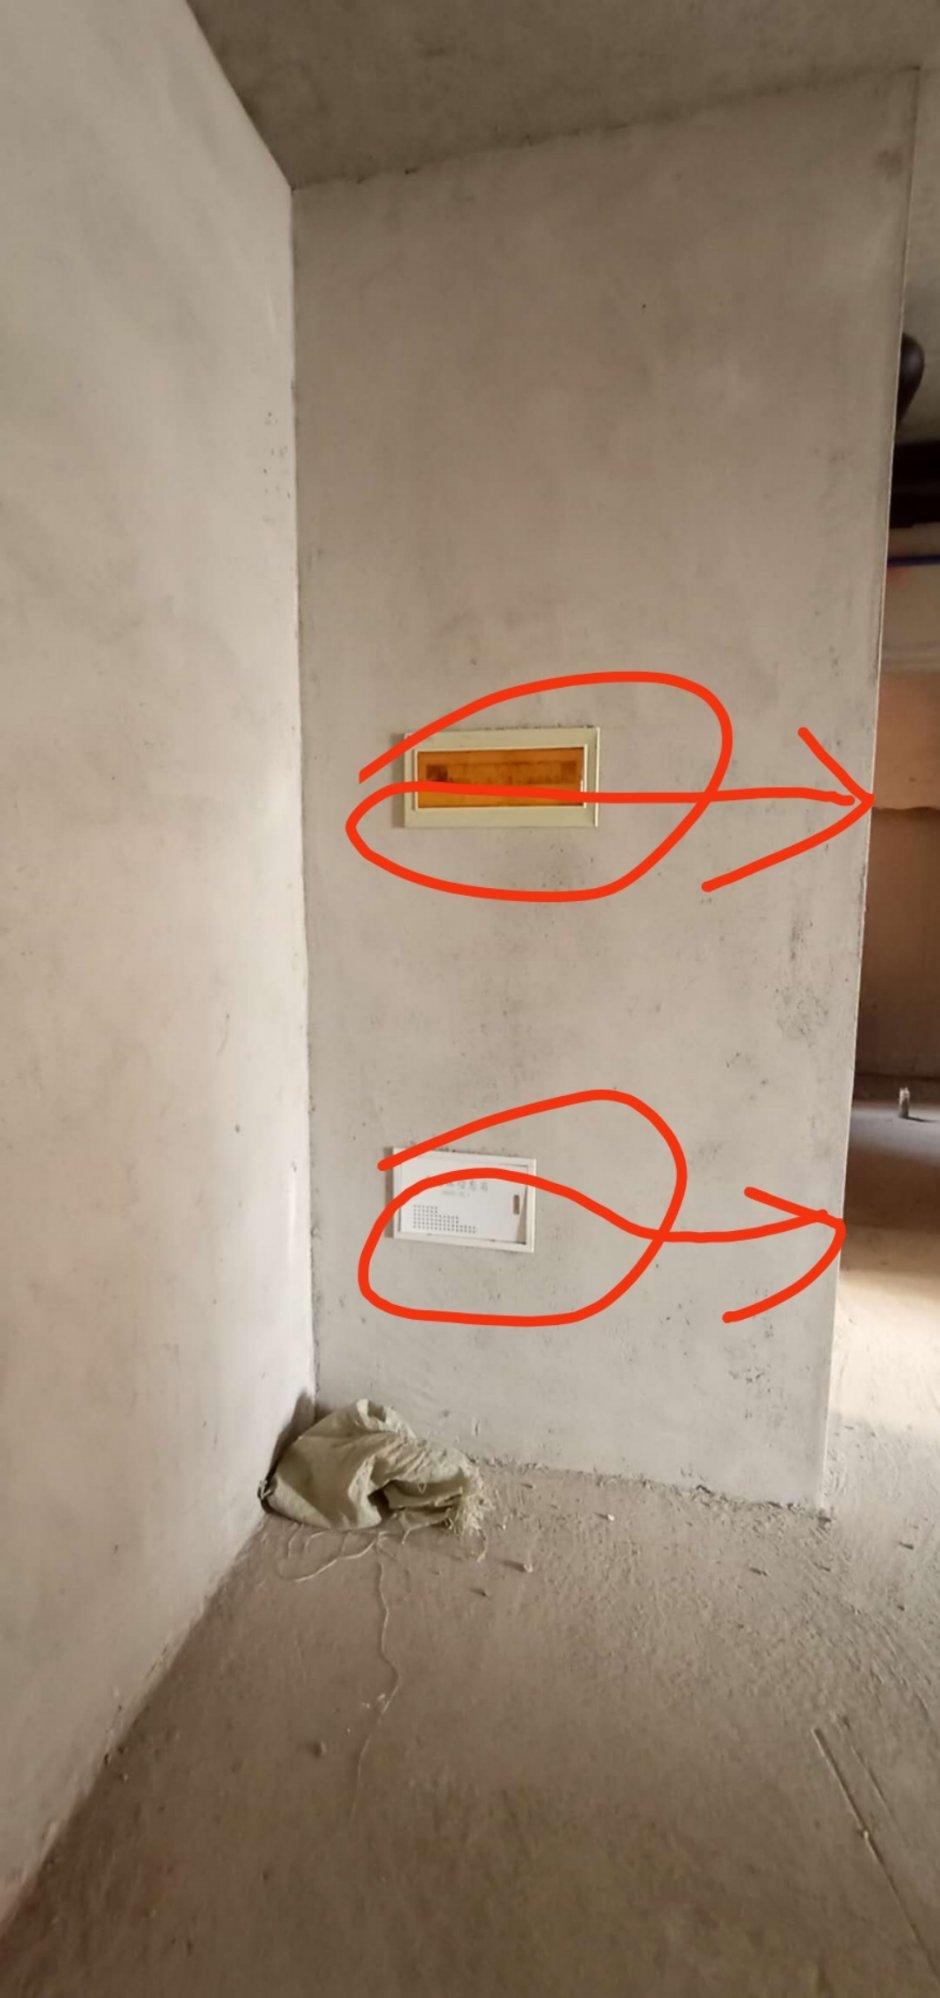 强弱电箱位置不好,挡着柜子,做到柜子里面安全吗